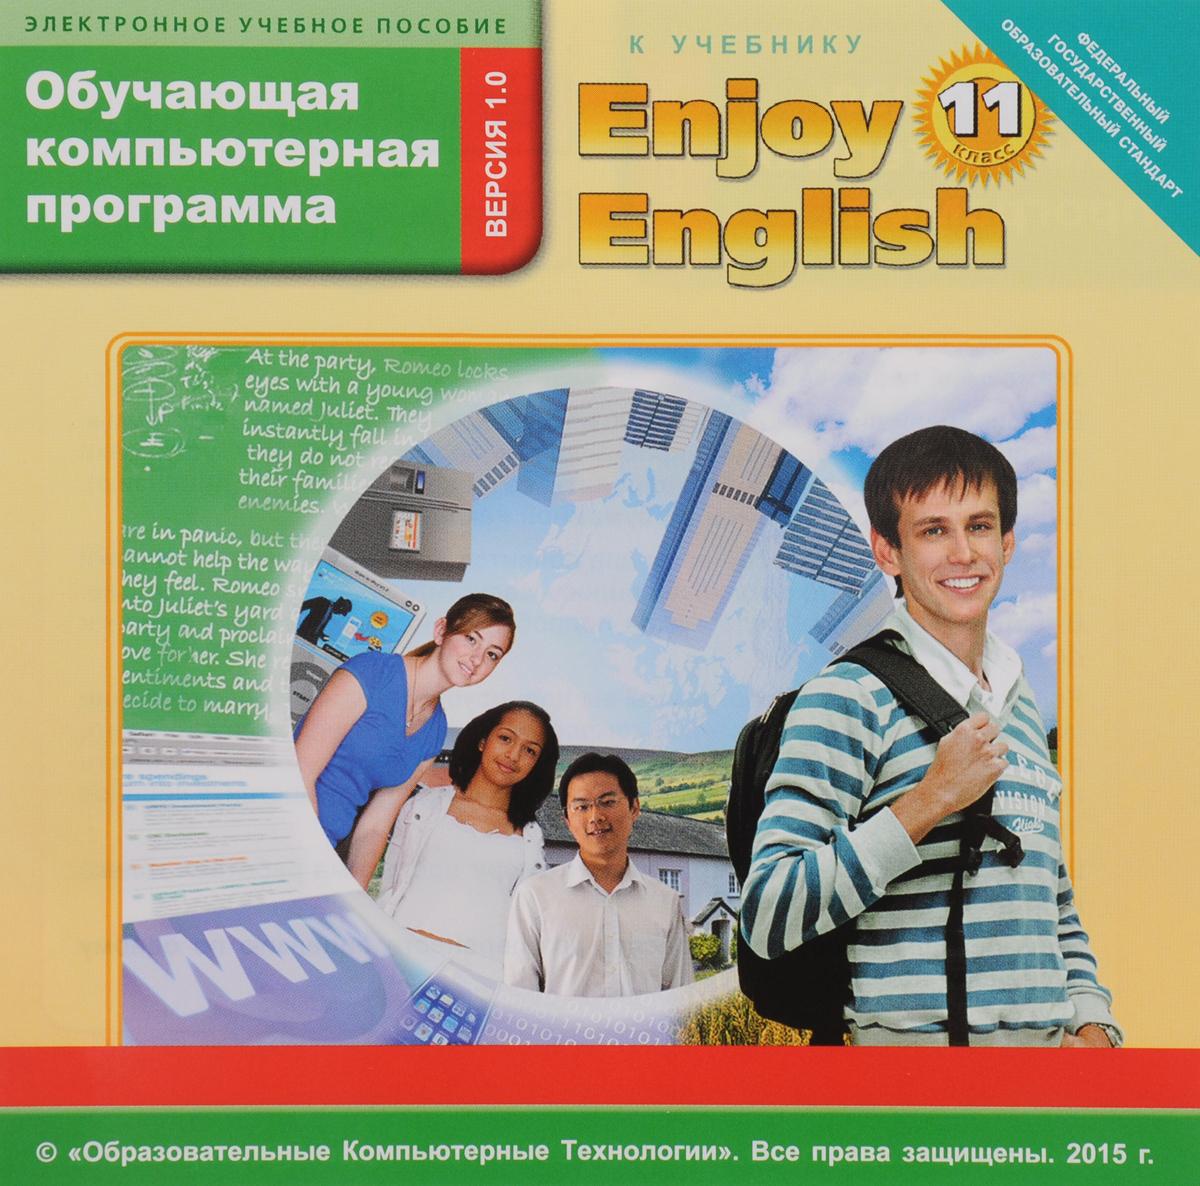 Enjoy English 11 / Английский с удовольствием. 11 класс. Обучающая компьютерная программа